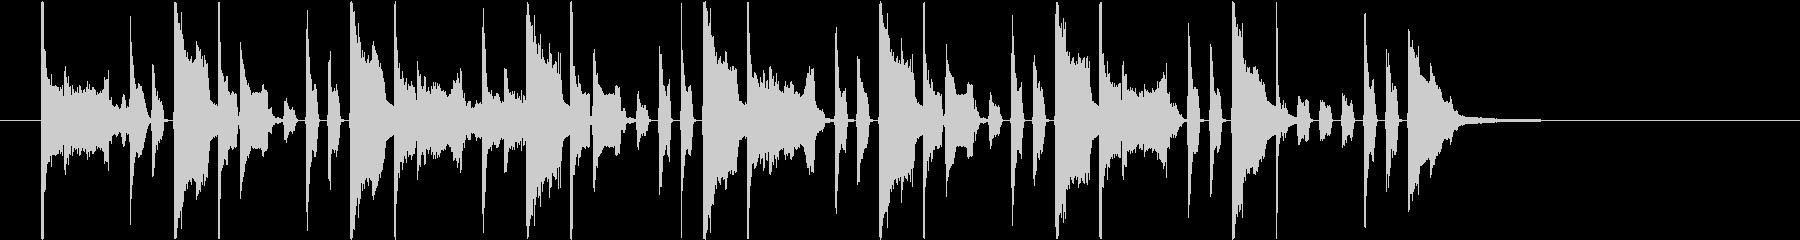 ピコ効果音】プリントアウトの未再生の波形